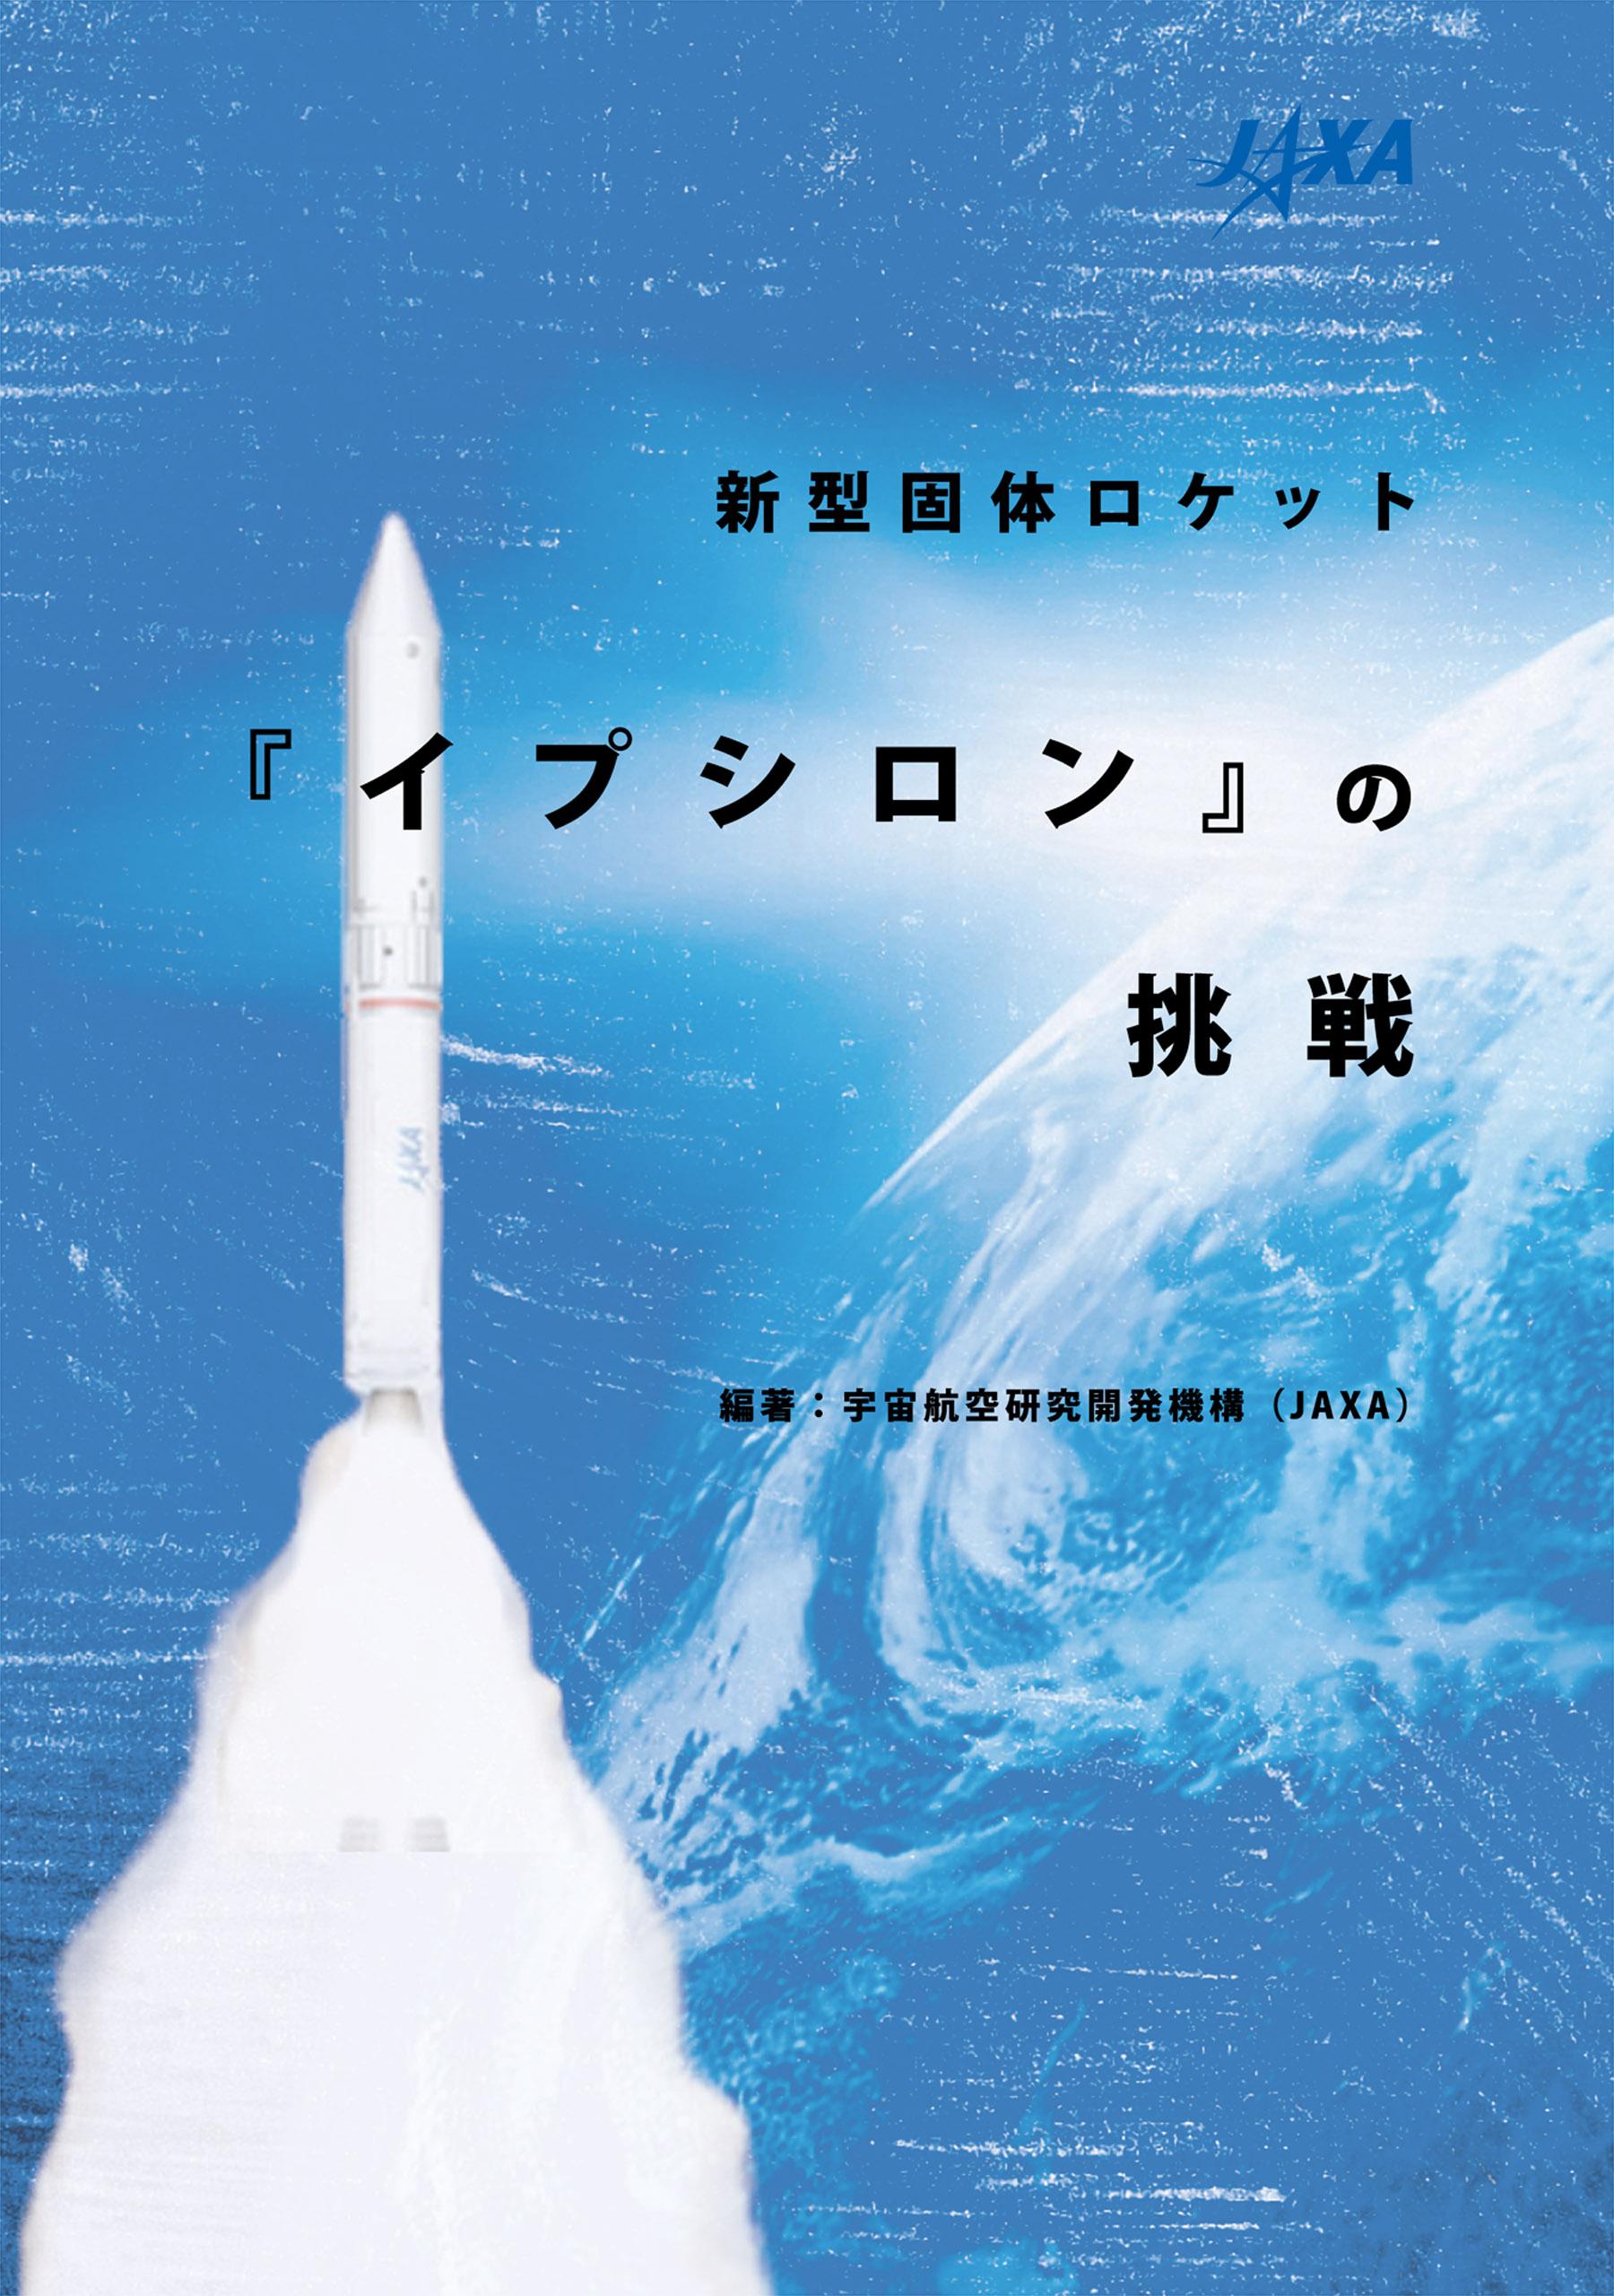 書影:新型固体ロケット「イプシロン」の挑戦